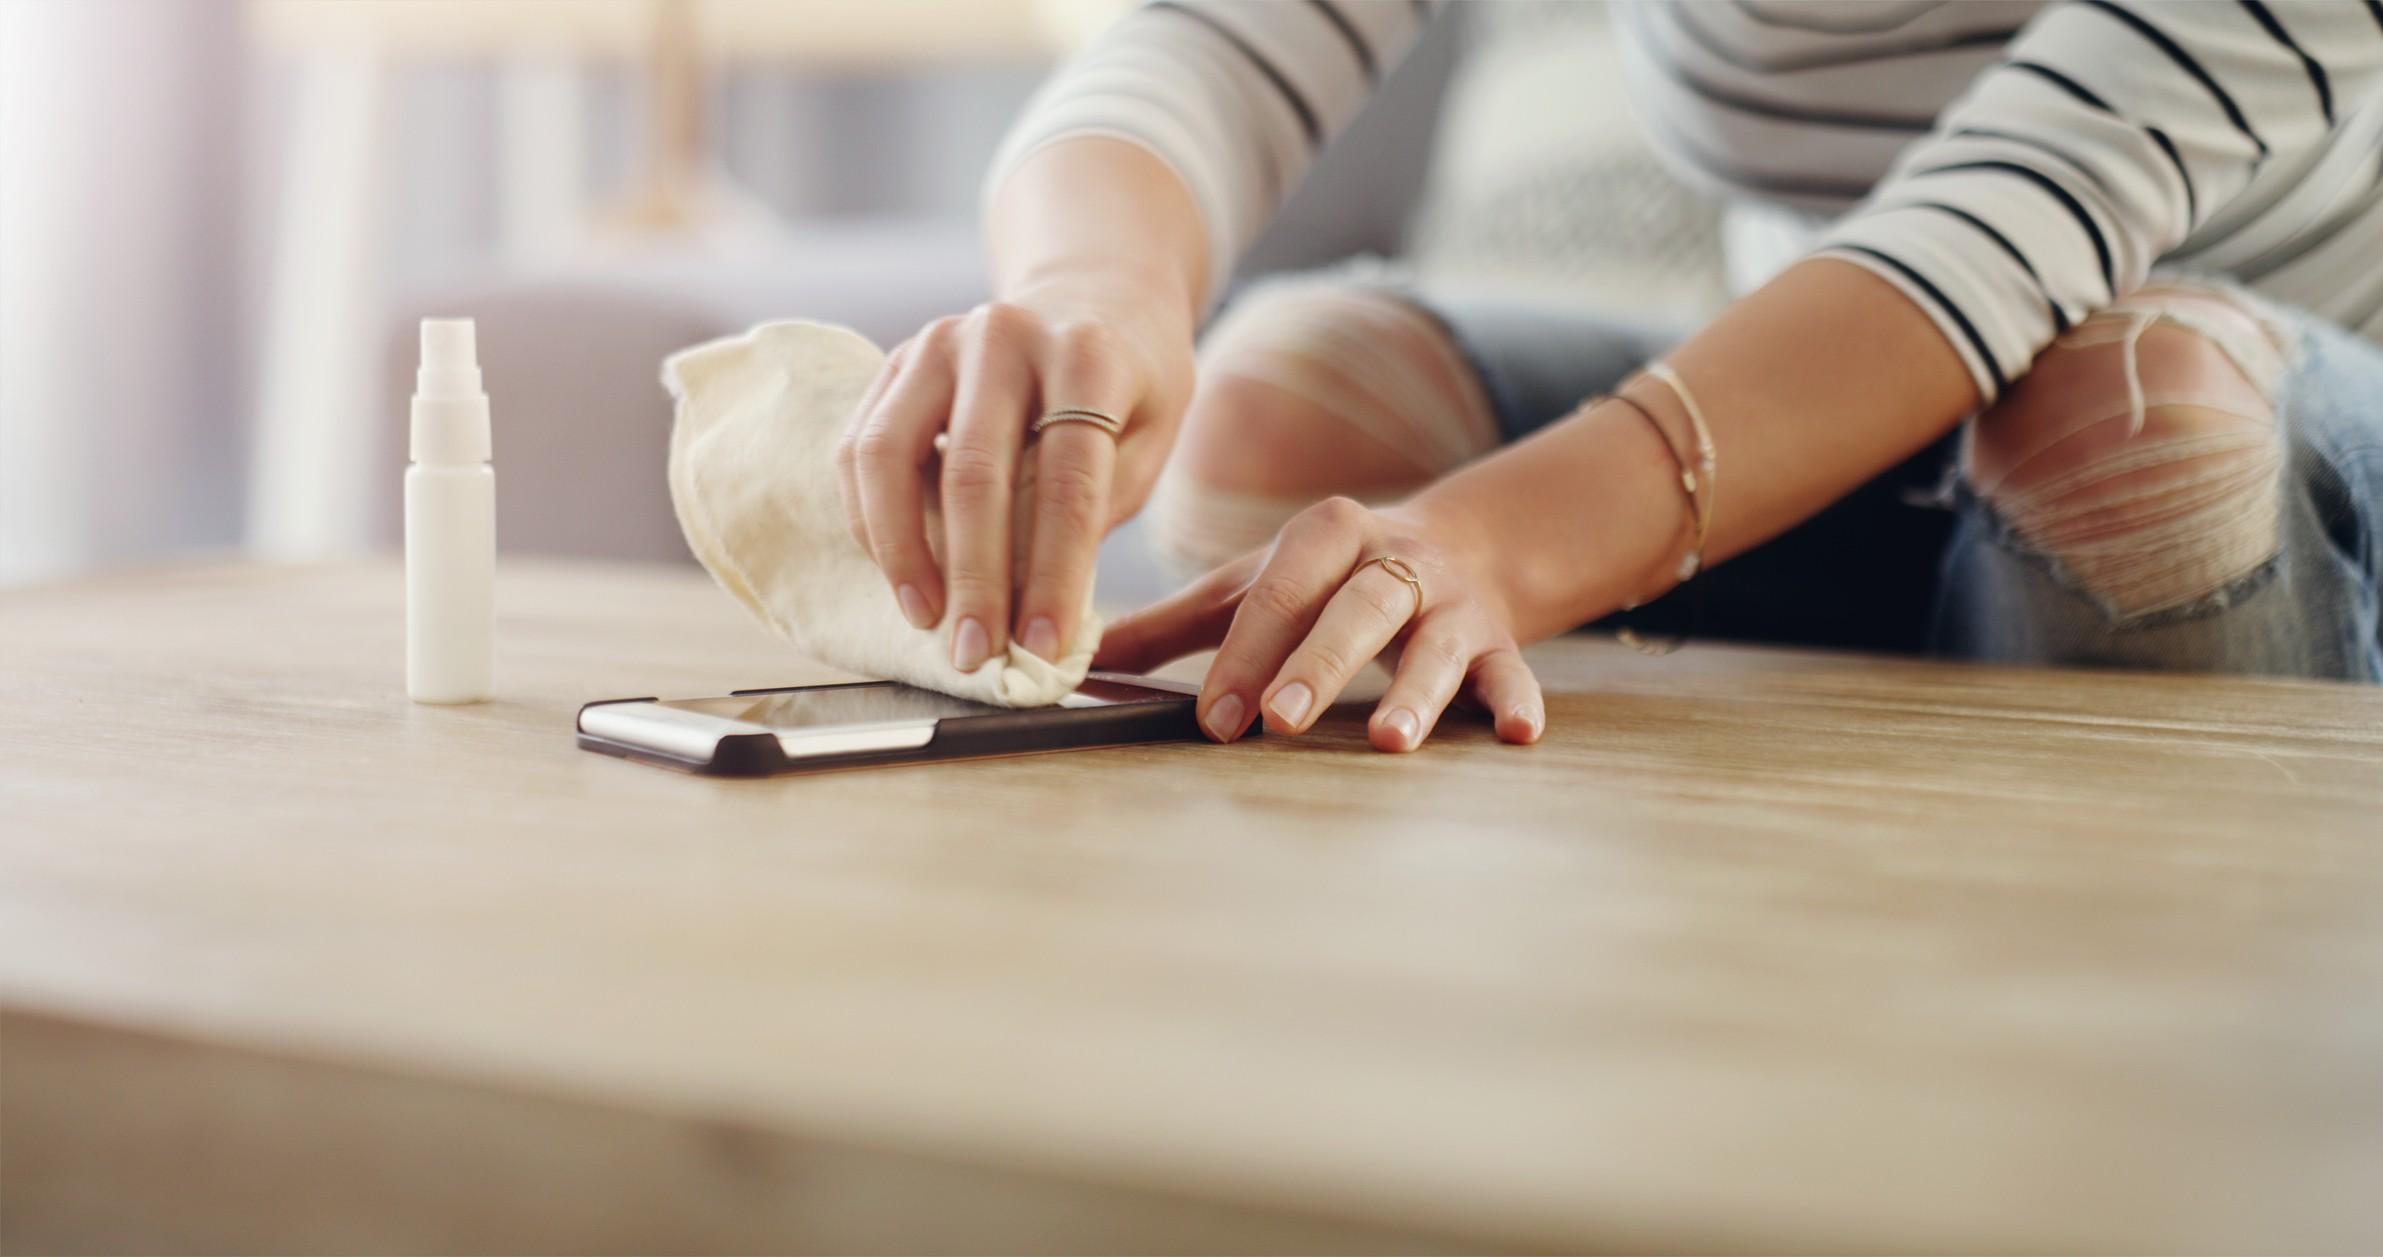 Aprenda como higienizar o celular corretamente em 6 passos fáceis